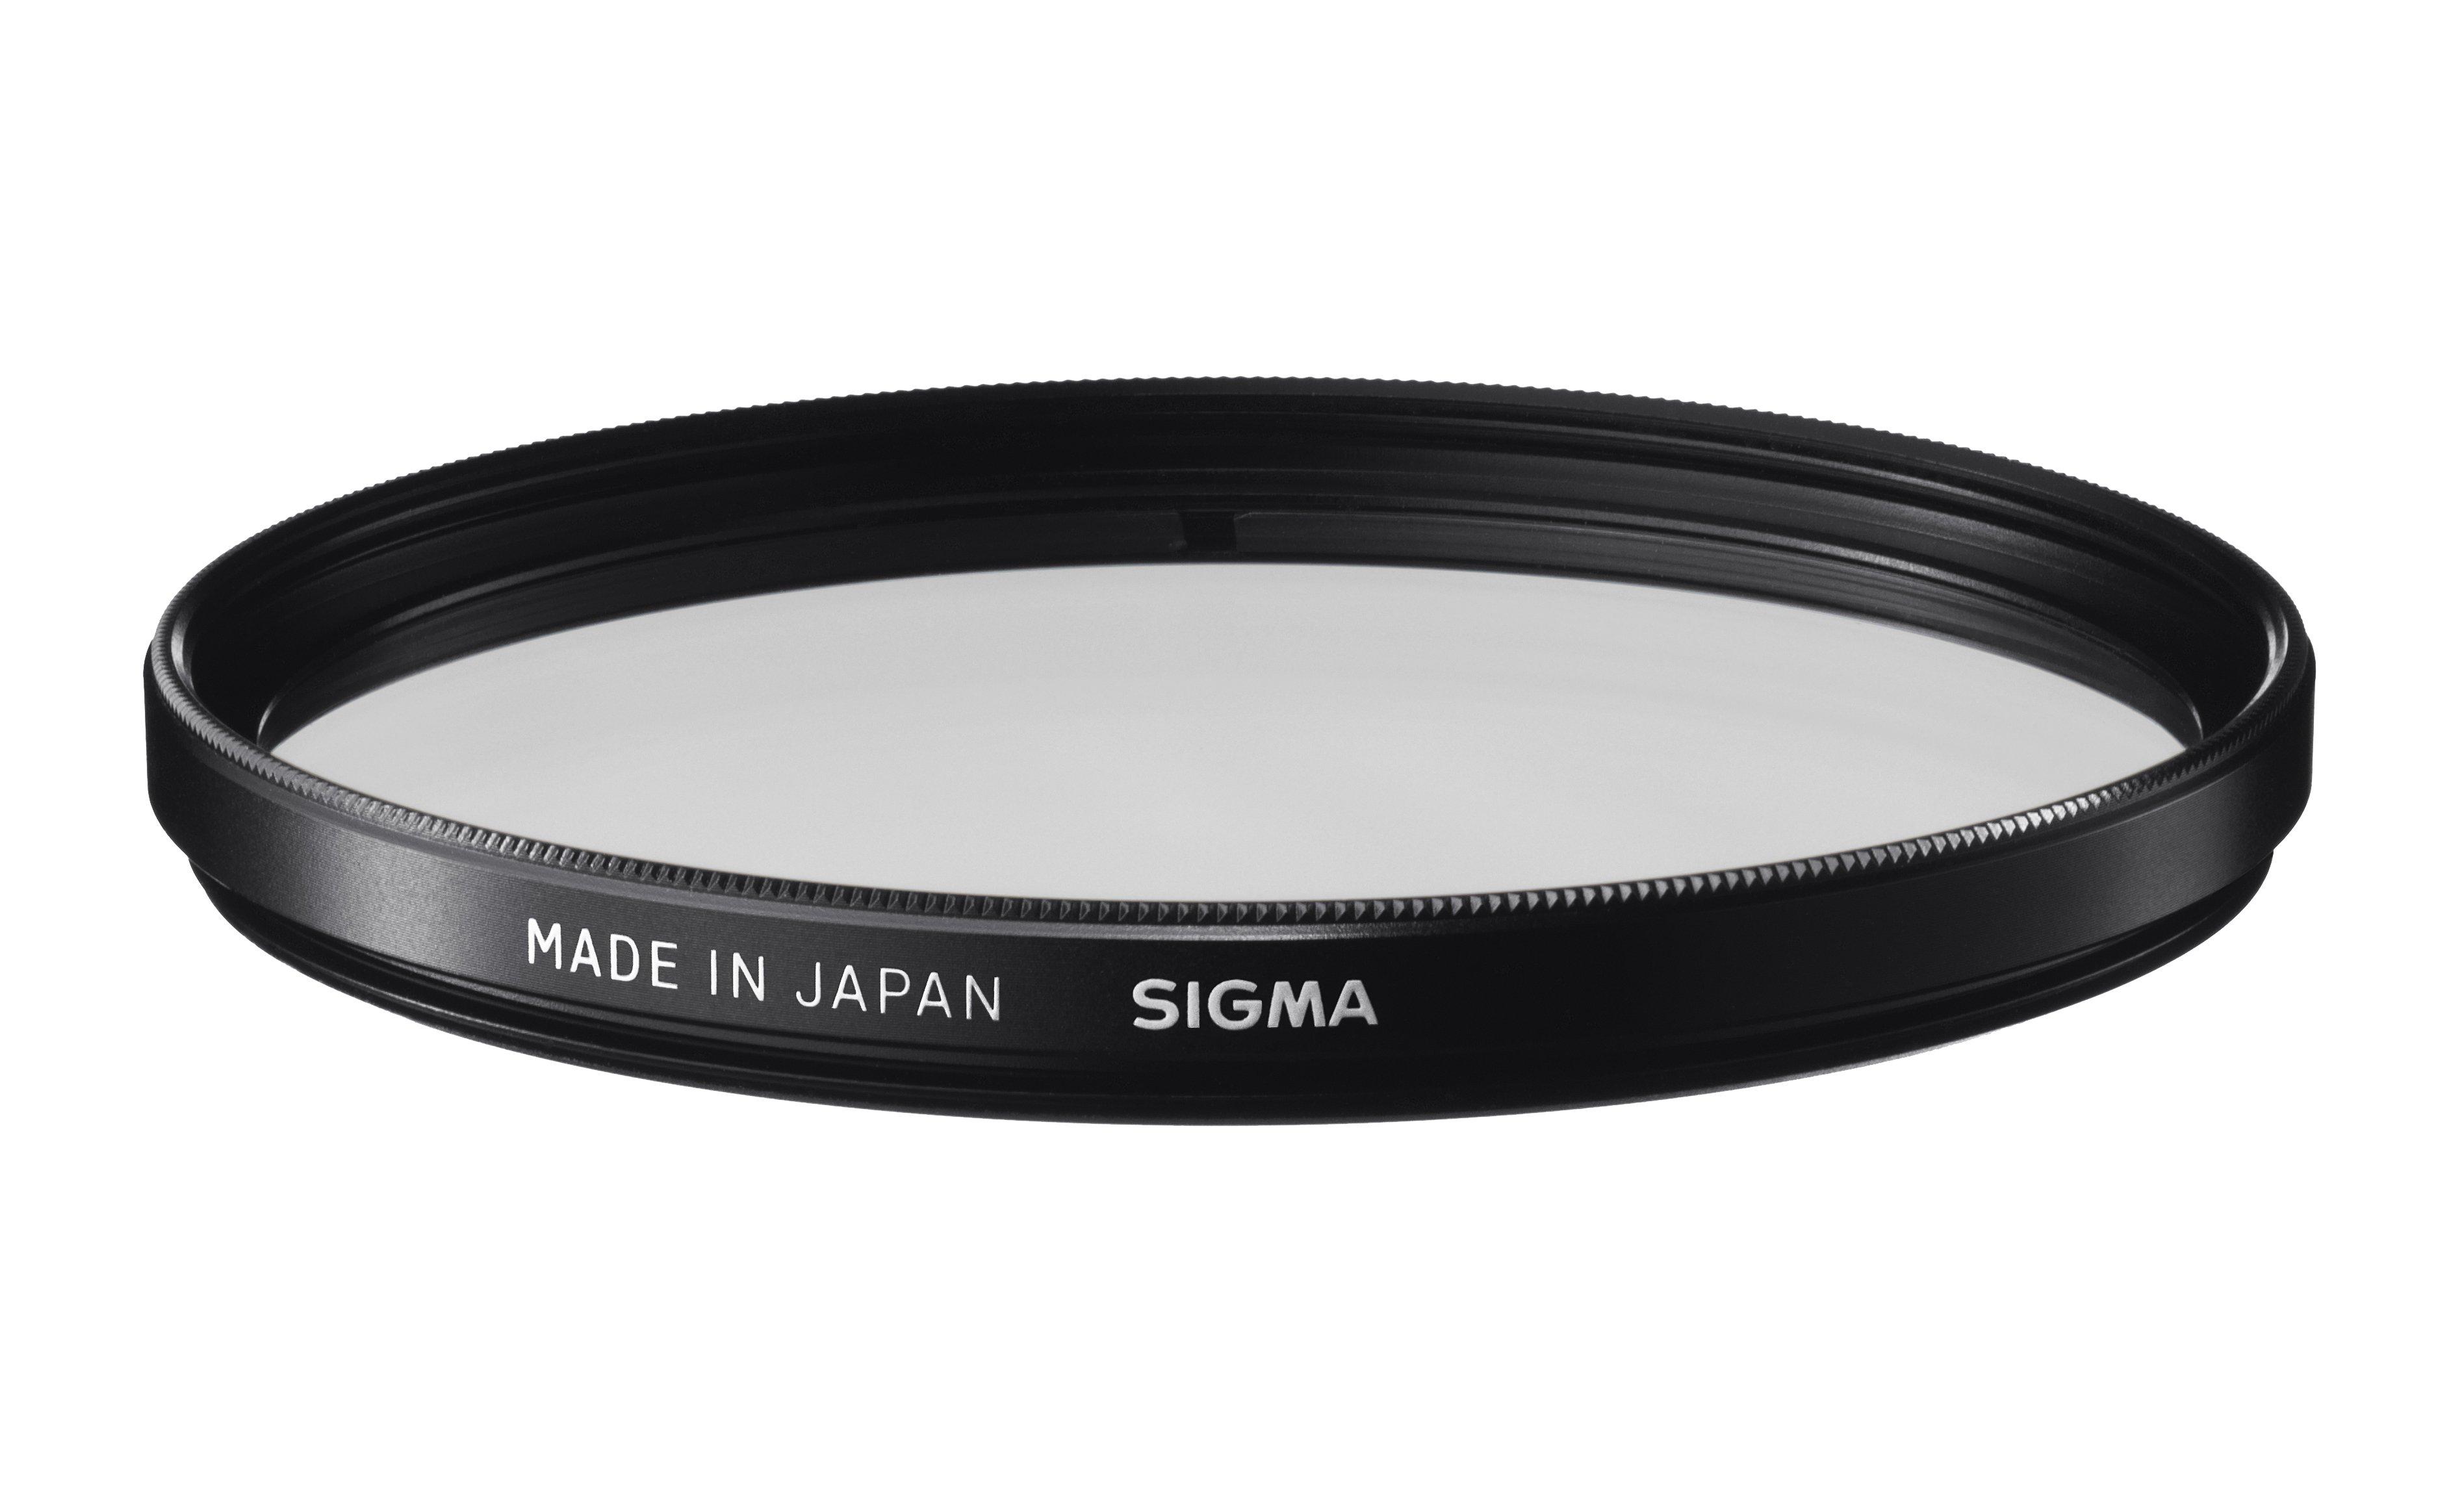 SIGMA filtr ochranný 77 mm WR